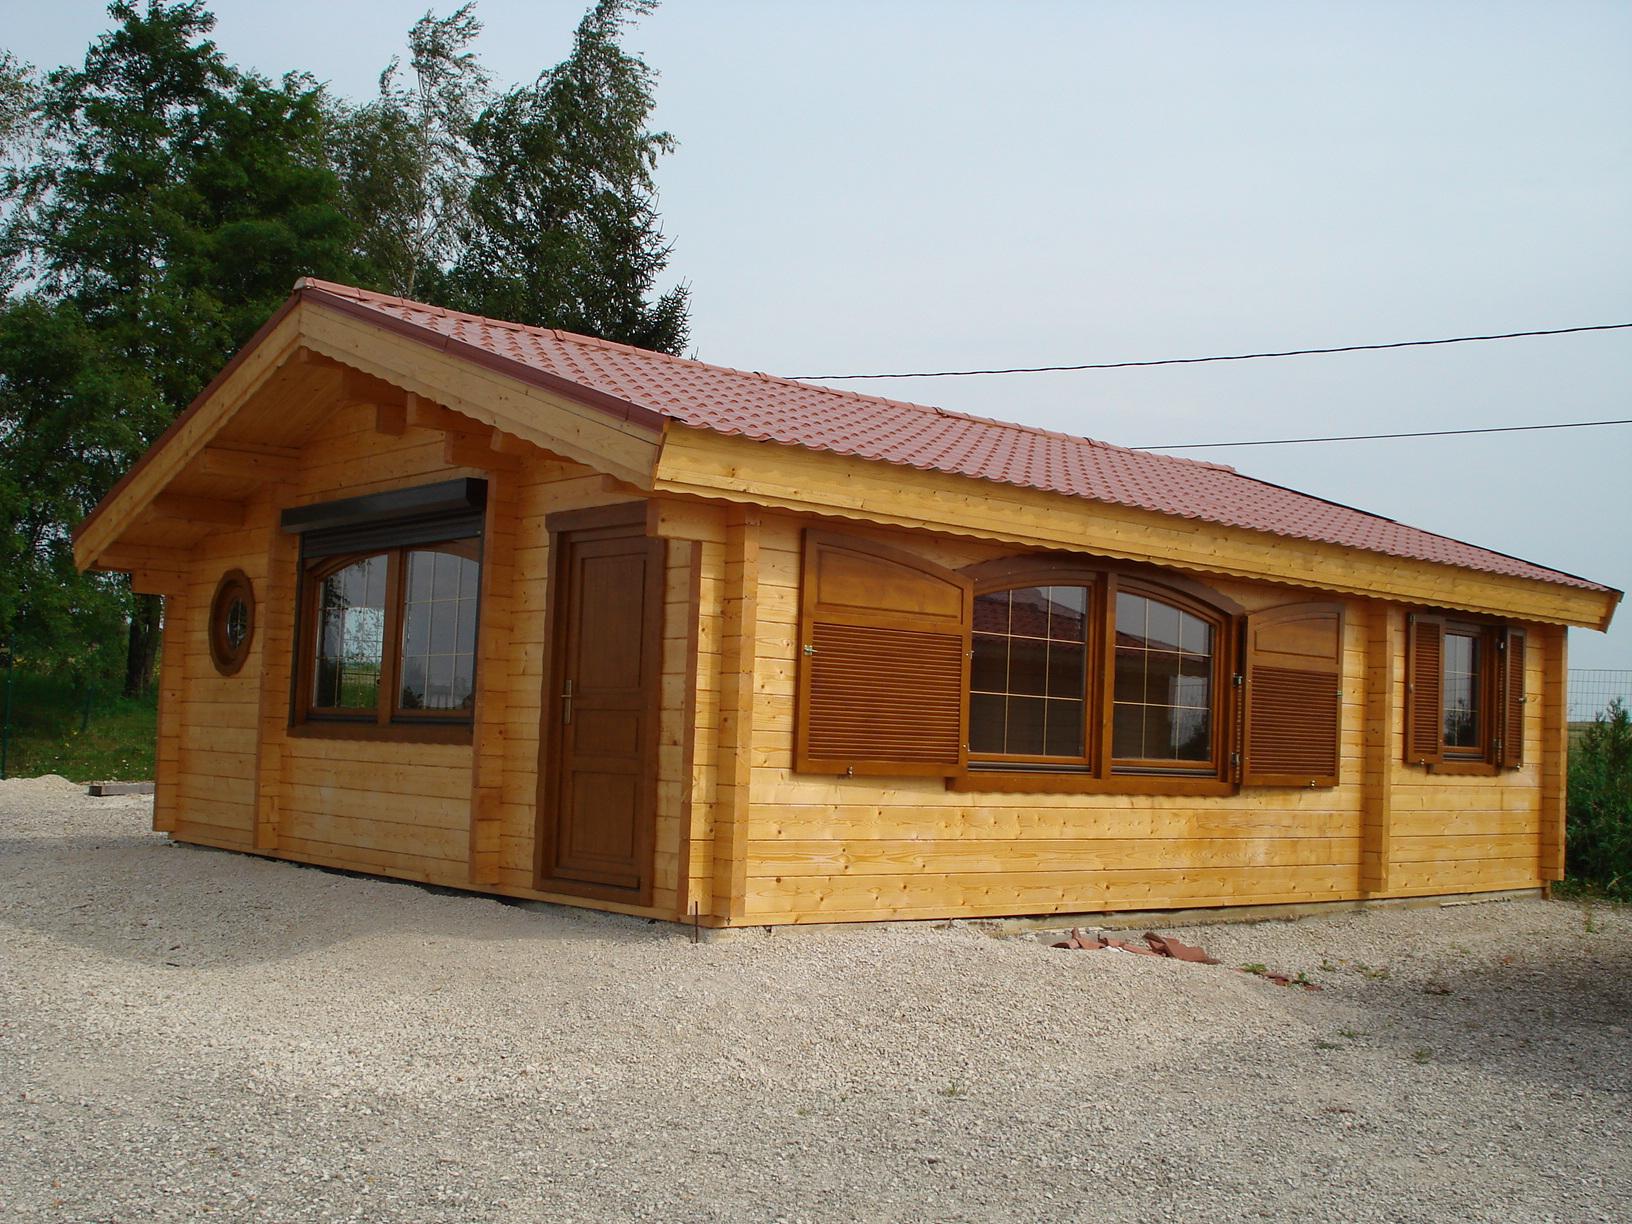 Chalet Habitable Jade | Chalet En Bois pour Chalet En Bois Habitable